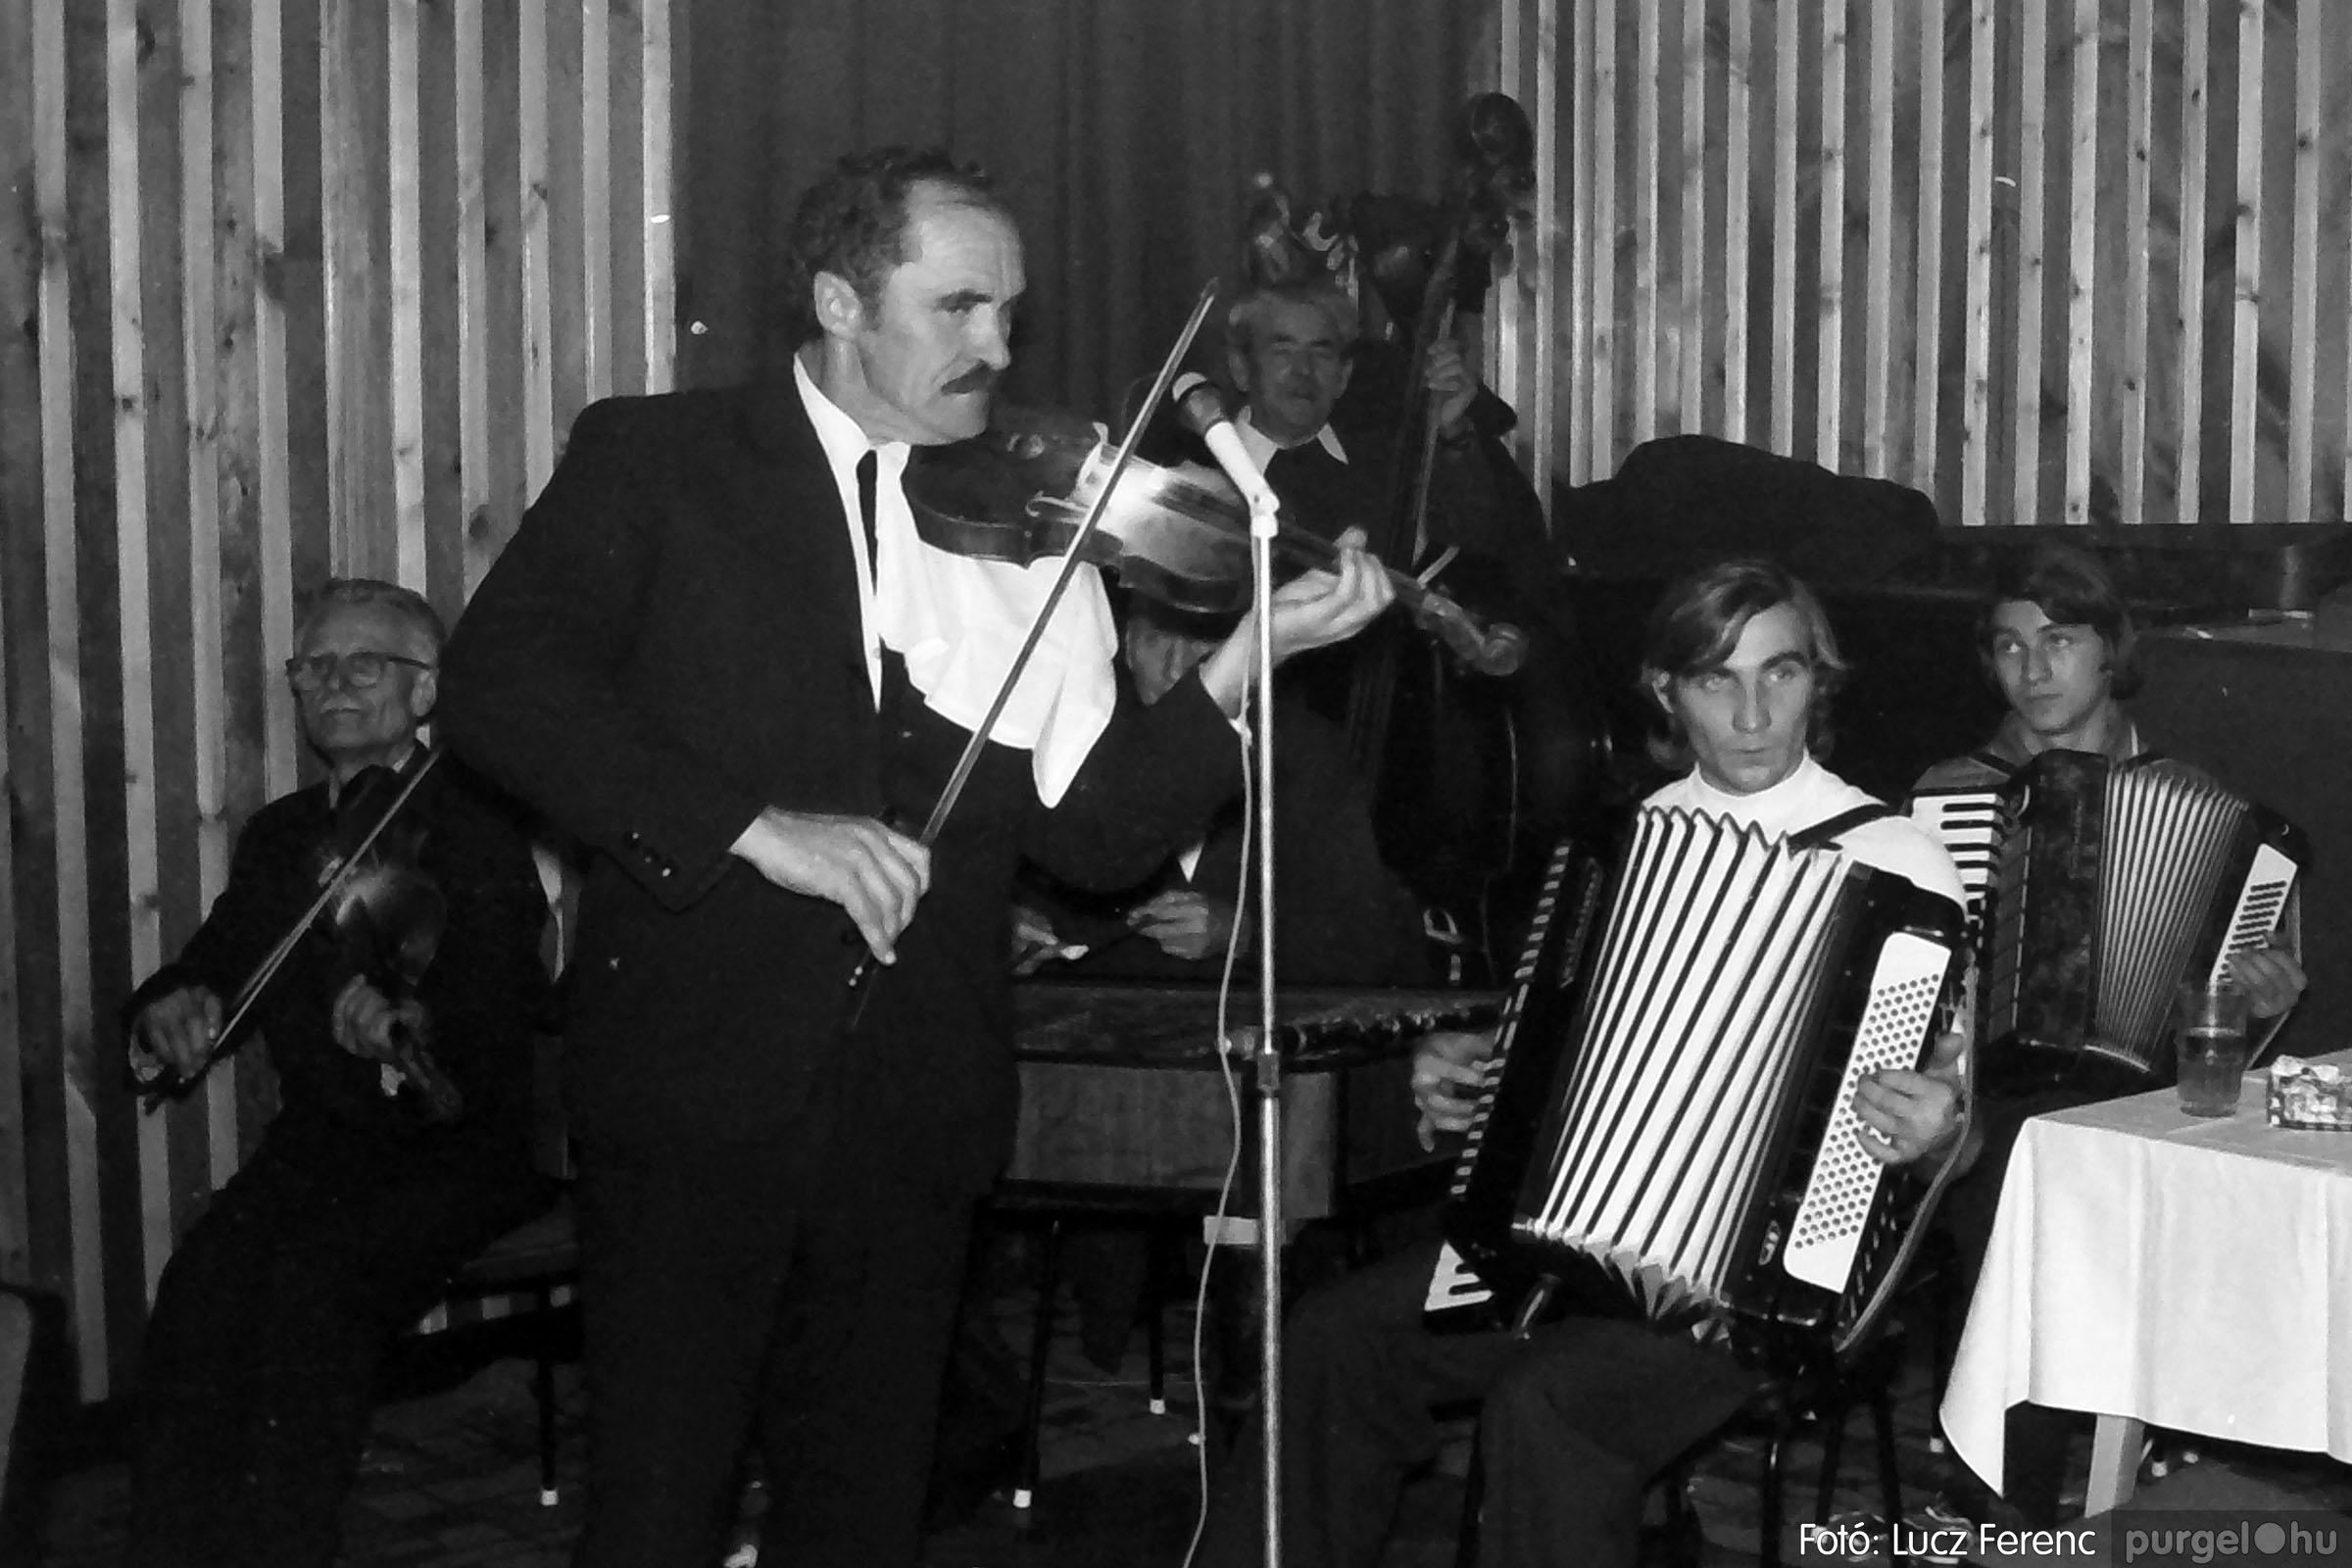 030. 1975.12.31. Szilveszter a kultúrházban 025 - Fotó: Lucz Ferenc.jpg